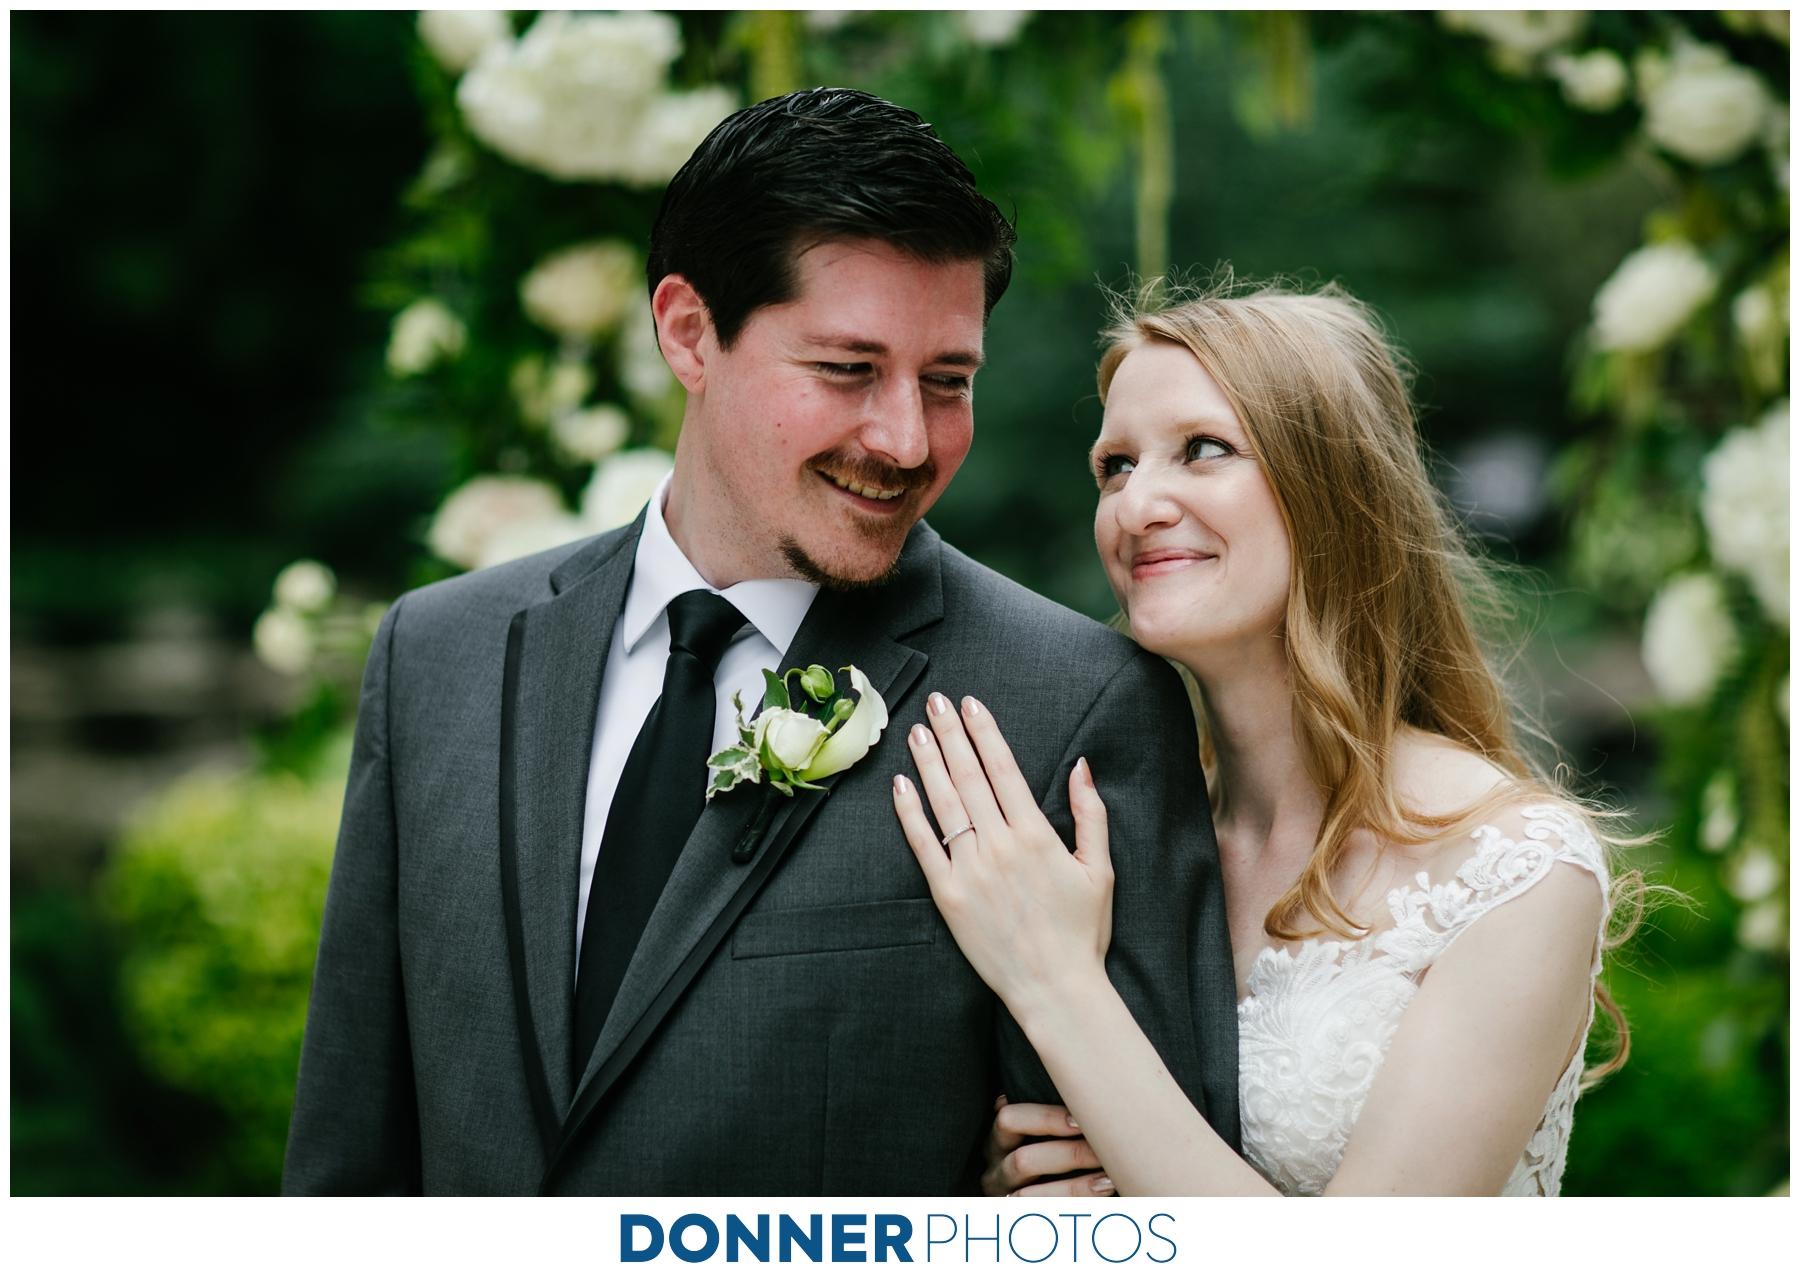 FALLS CHURCH VIRGINIA WEDDING: SOFIA & MARCELLUS